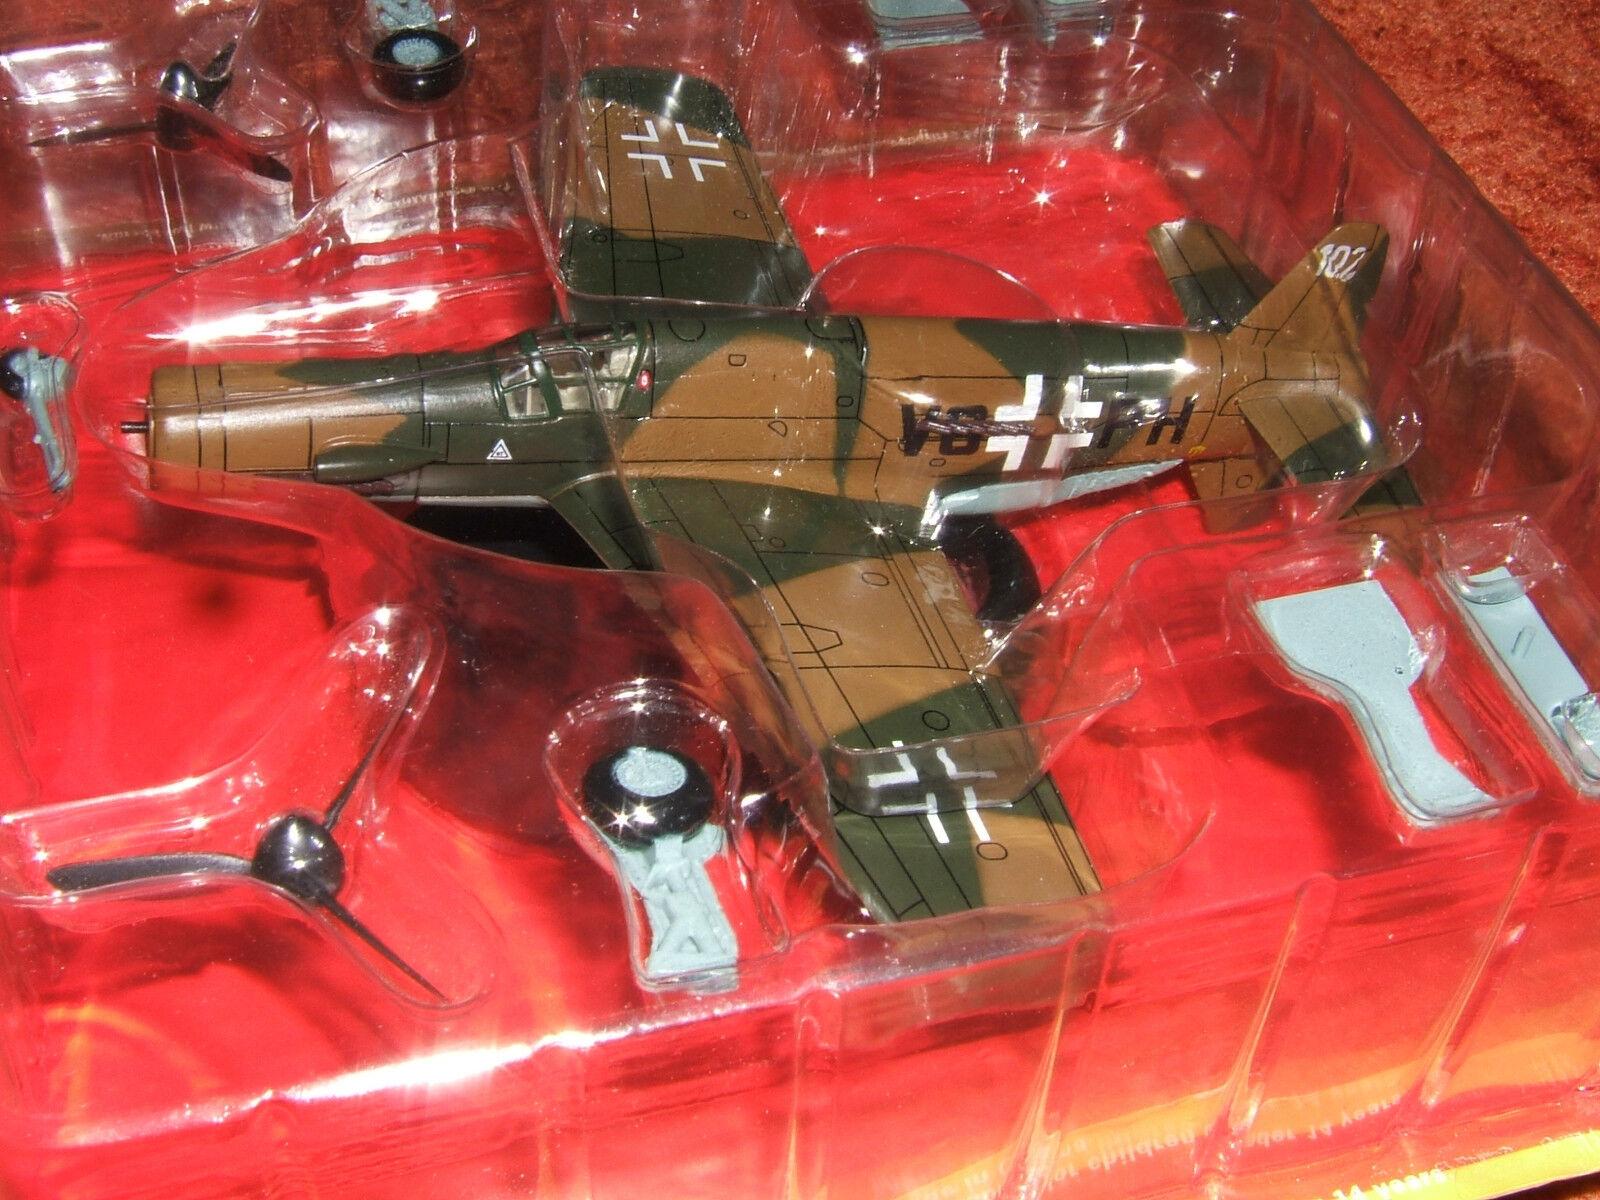 Dornier do-335 a-02 vg + ph ein diecast modell luftwaffe modell druckguss ixo 1 72 metall